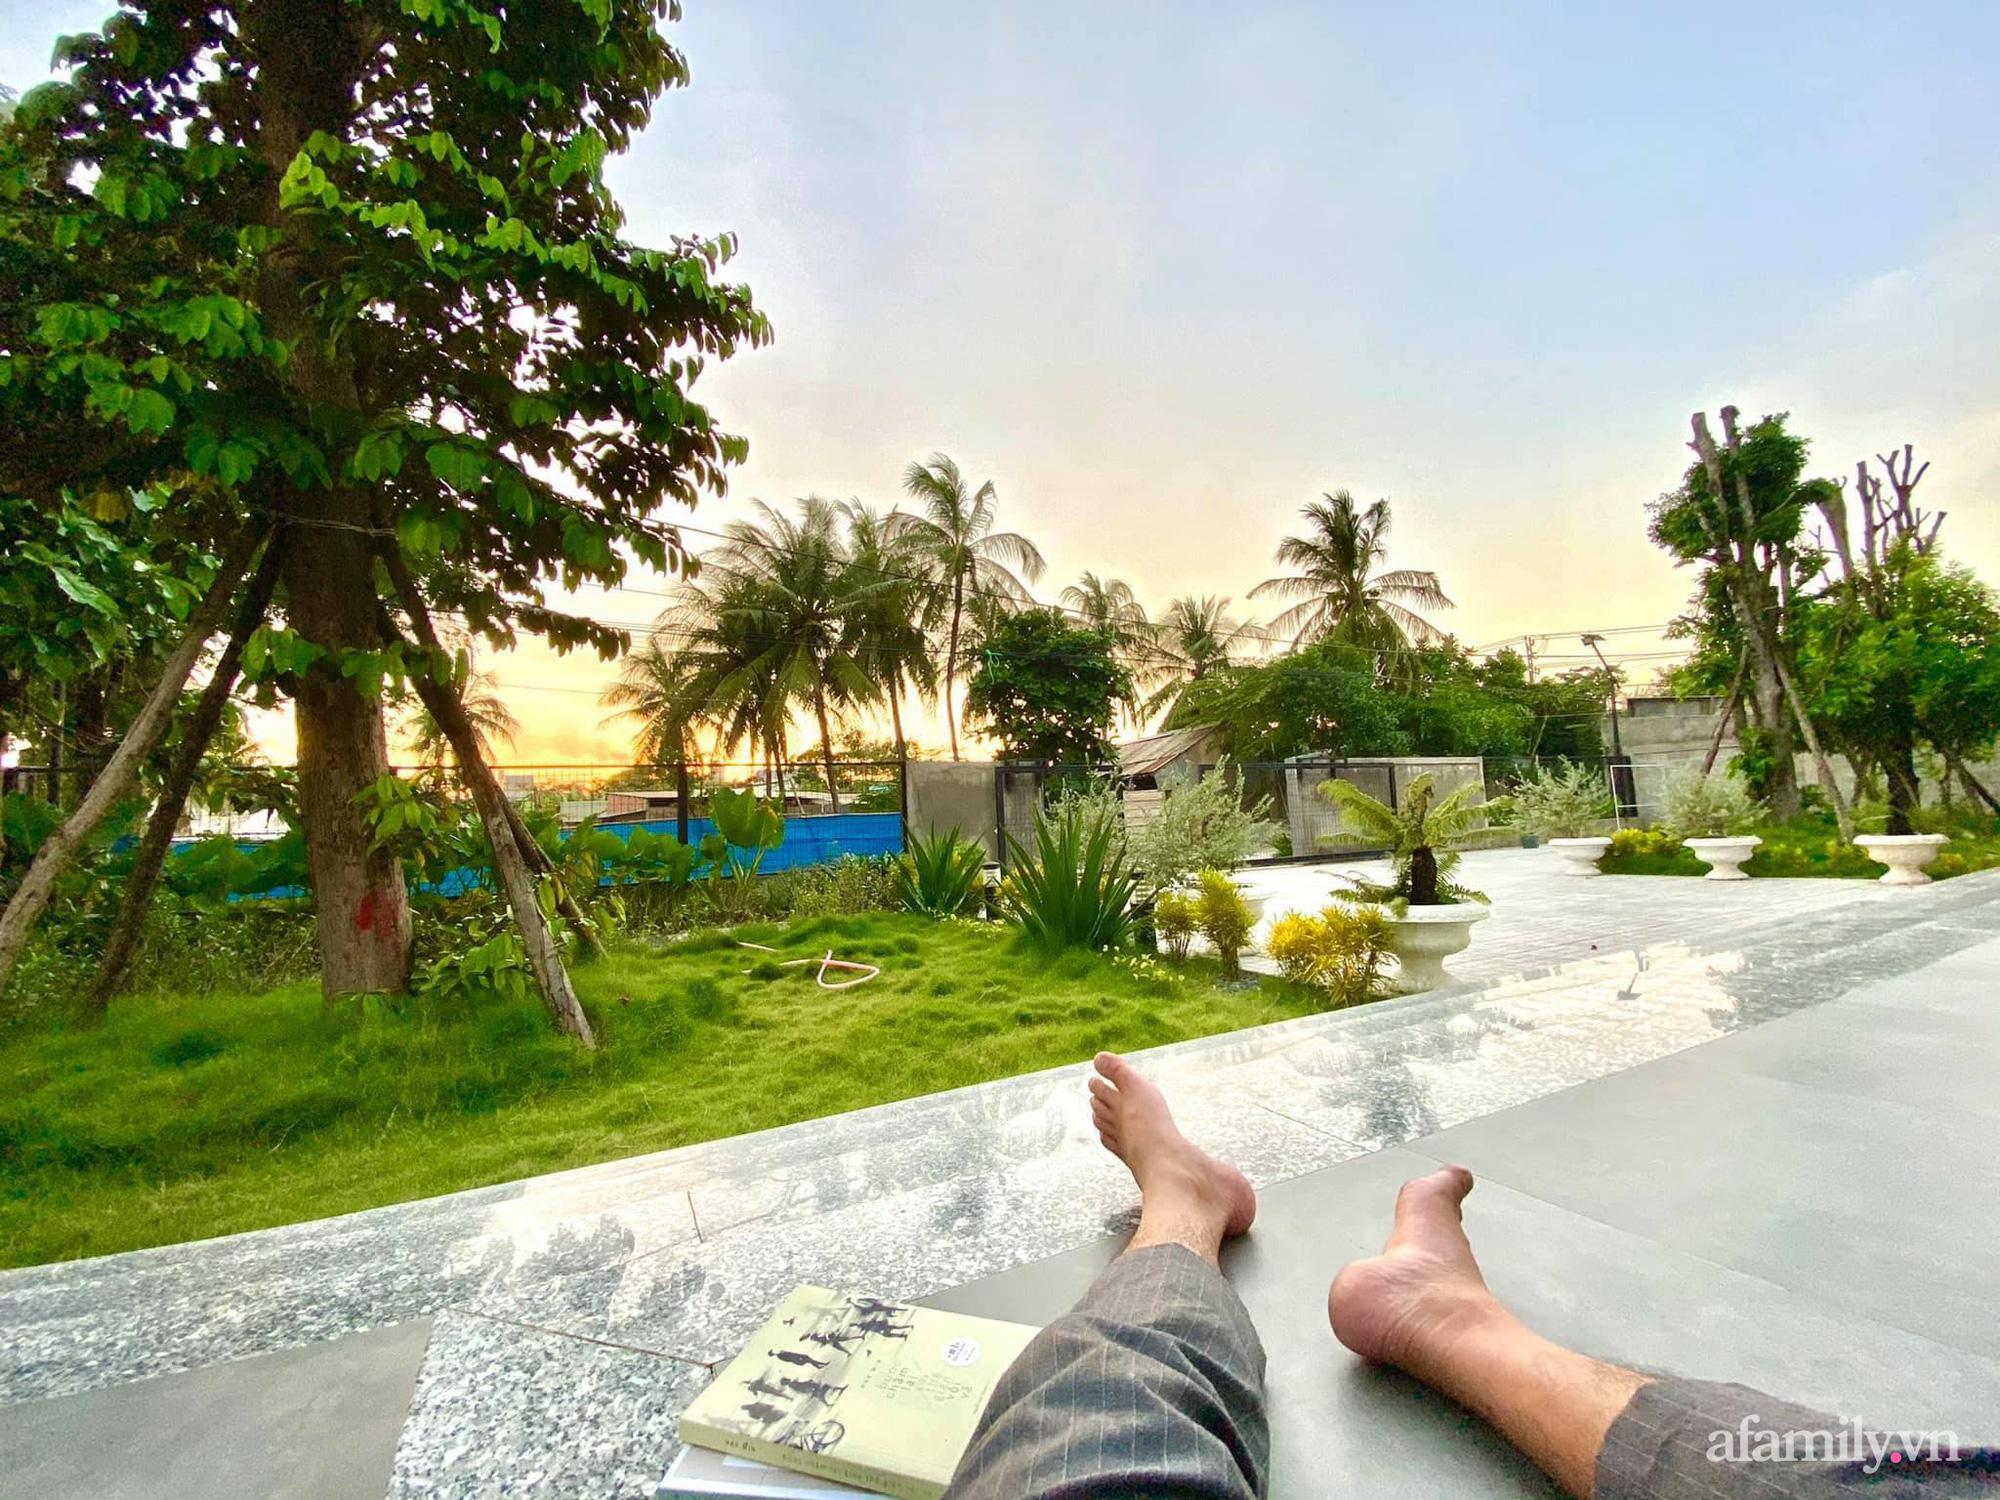 Sở hữu mảnh vườn thật chill, chàng trai trẻ Kiên Giang yên tâm nấu ăn, đọc sách ngắm cây những ngày giãn cách - Ảnh 11.